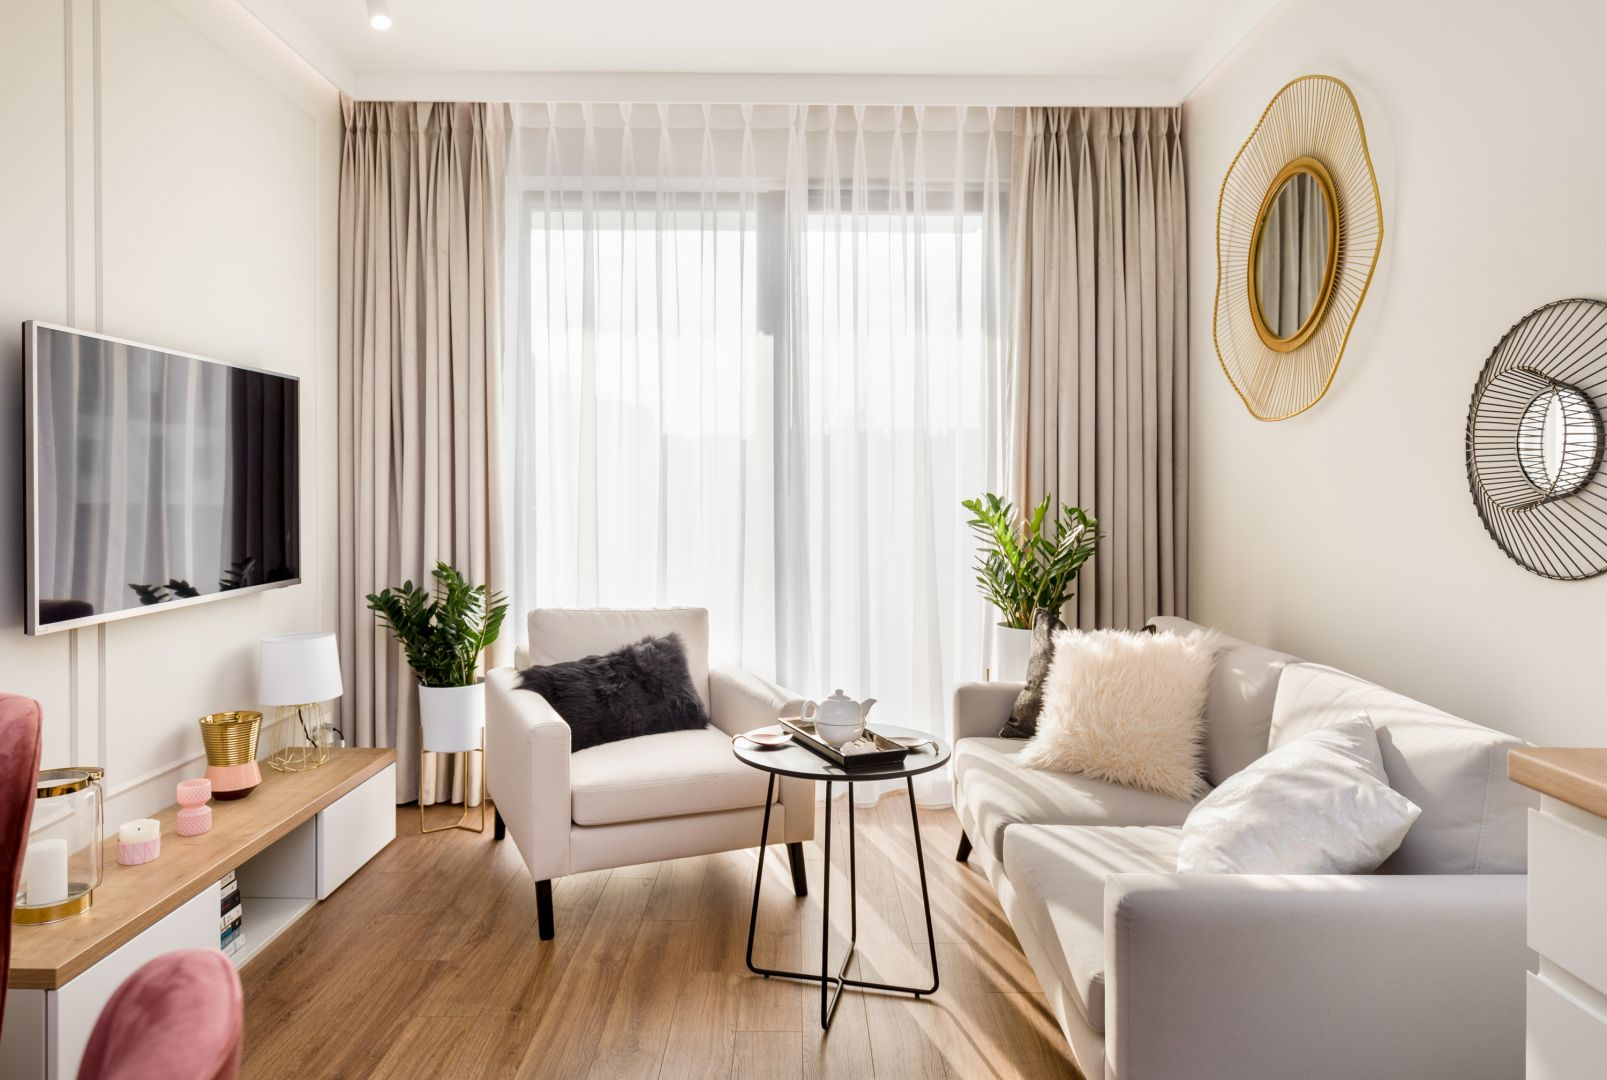 Chia sẻ kinh nghiệm chọn rèm cửa cho nhà đẹp